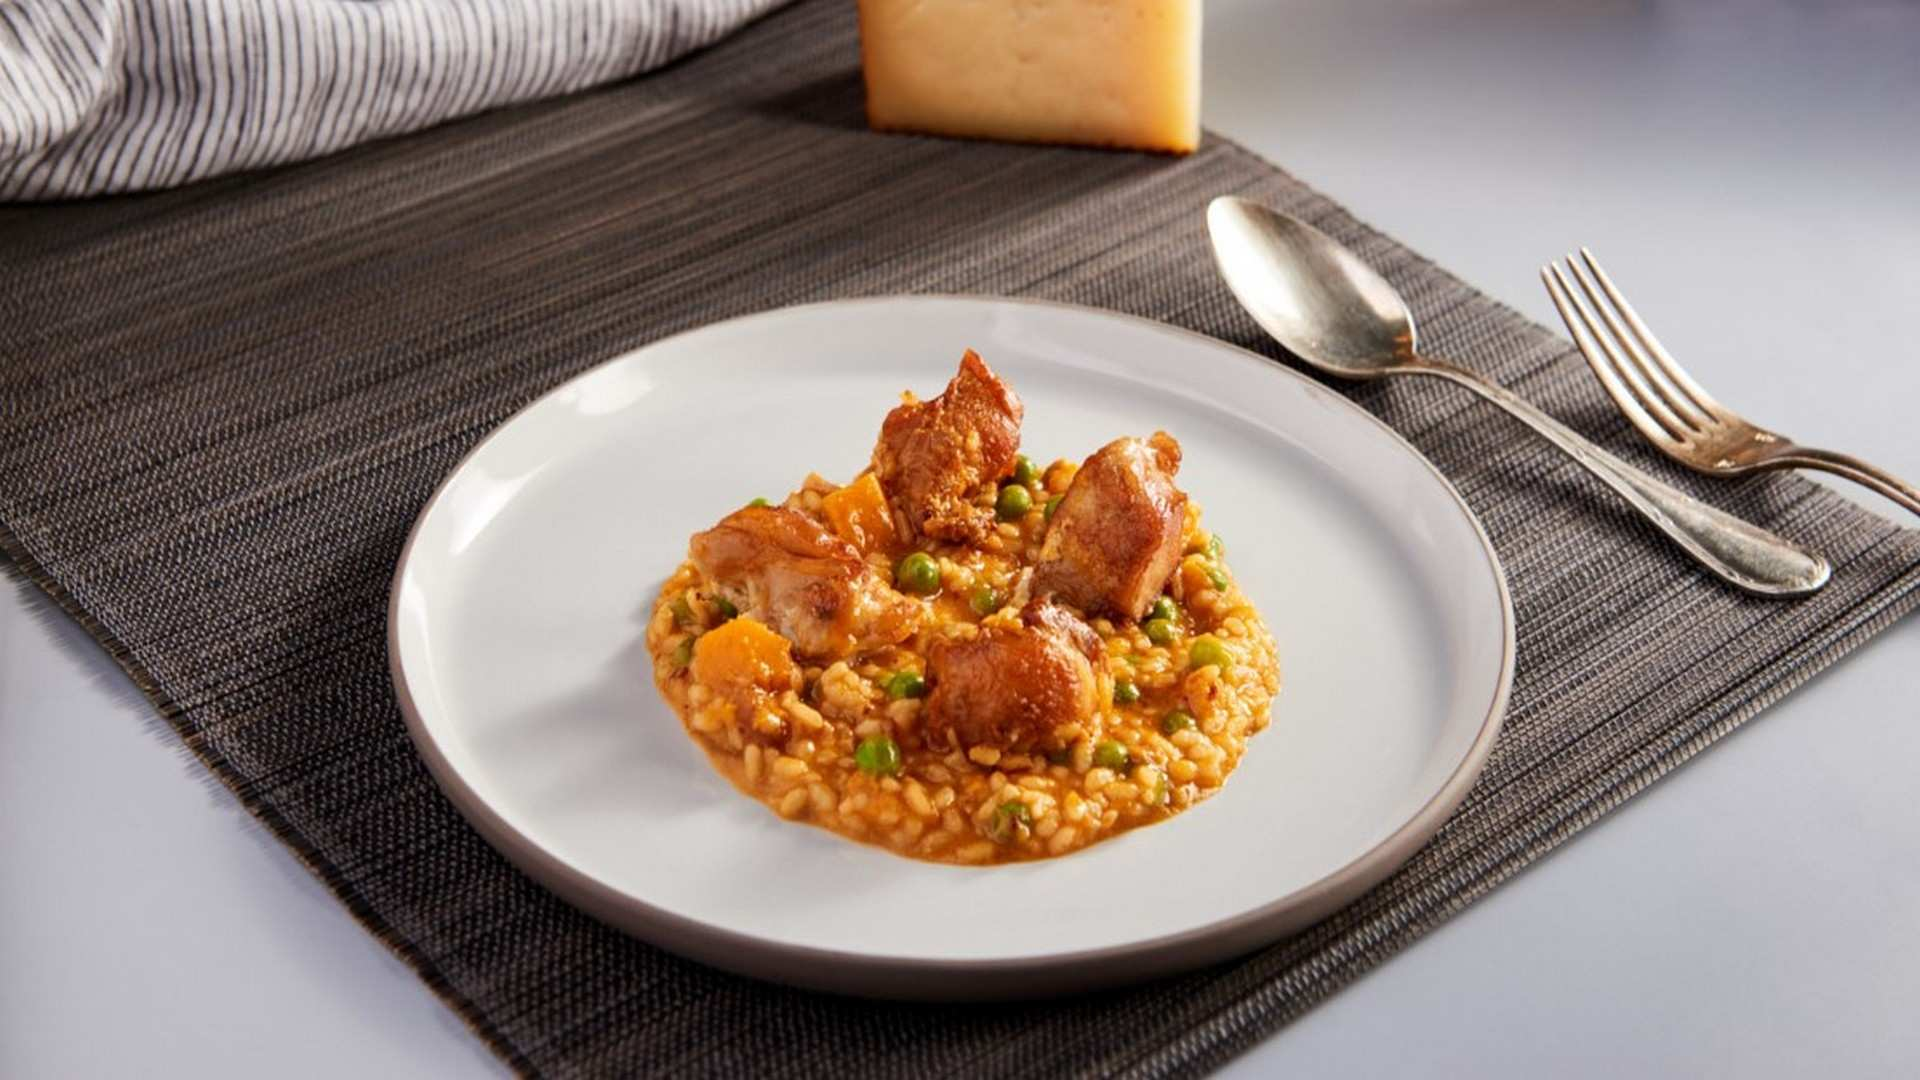 Receta de Risotto de carne de conejo con calabaza y guisantes